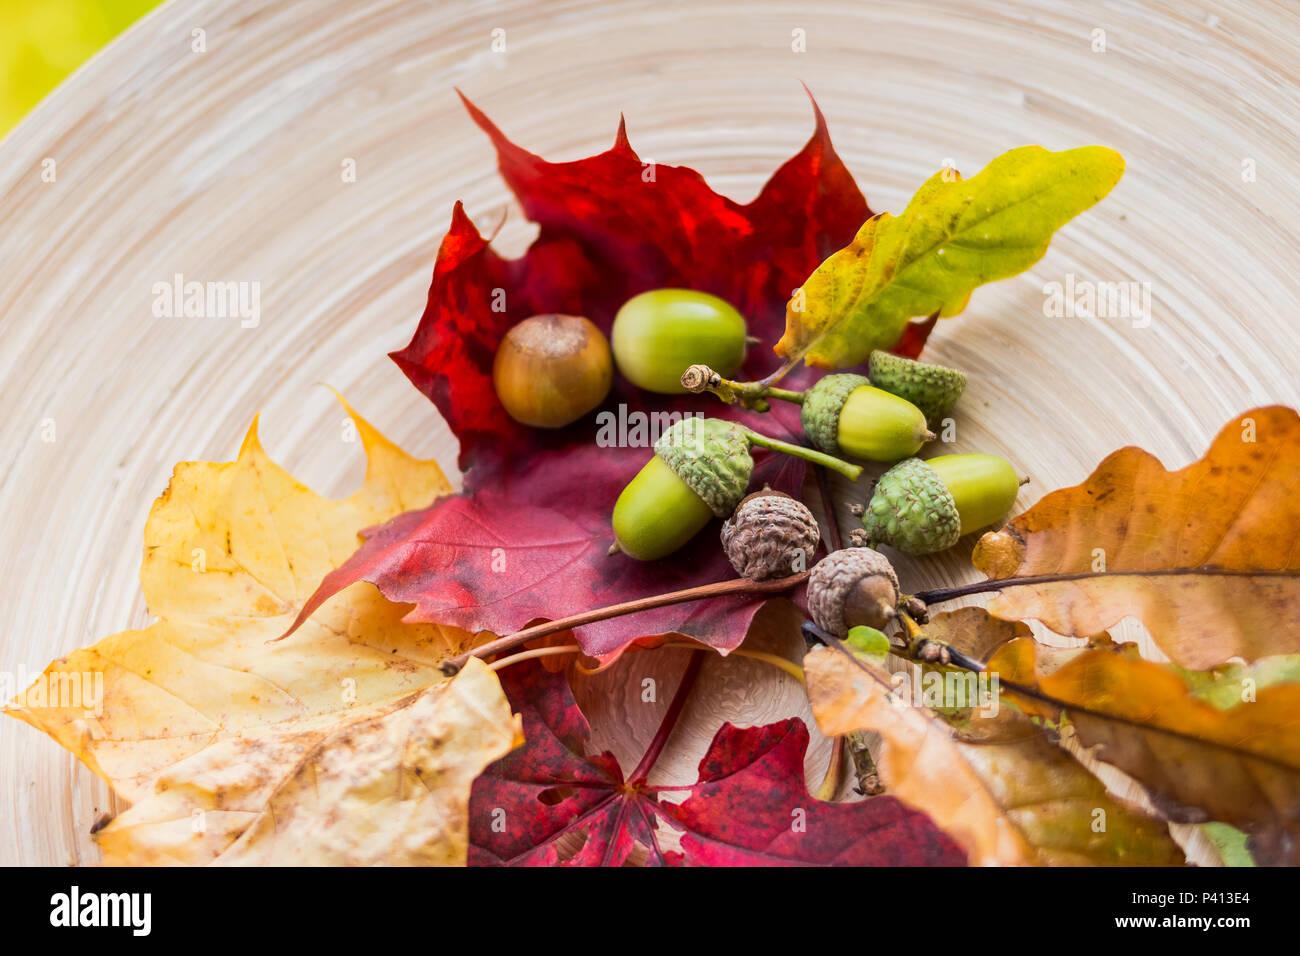 Leaves Frame Stockfotos & Leaves Frame Bilder - Seite 3 - Alamy